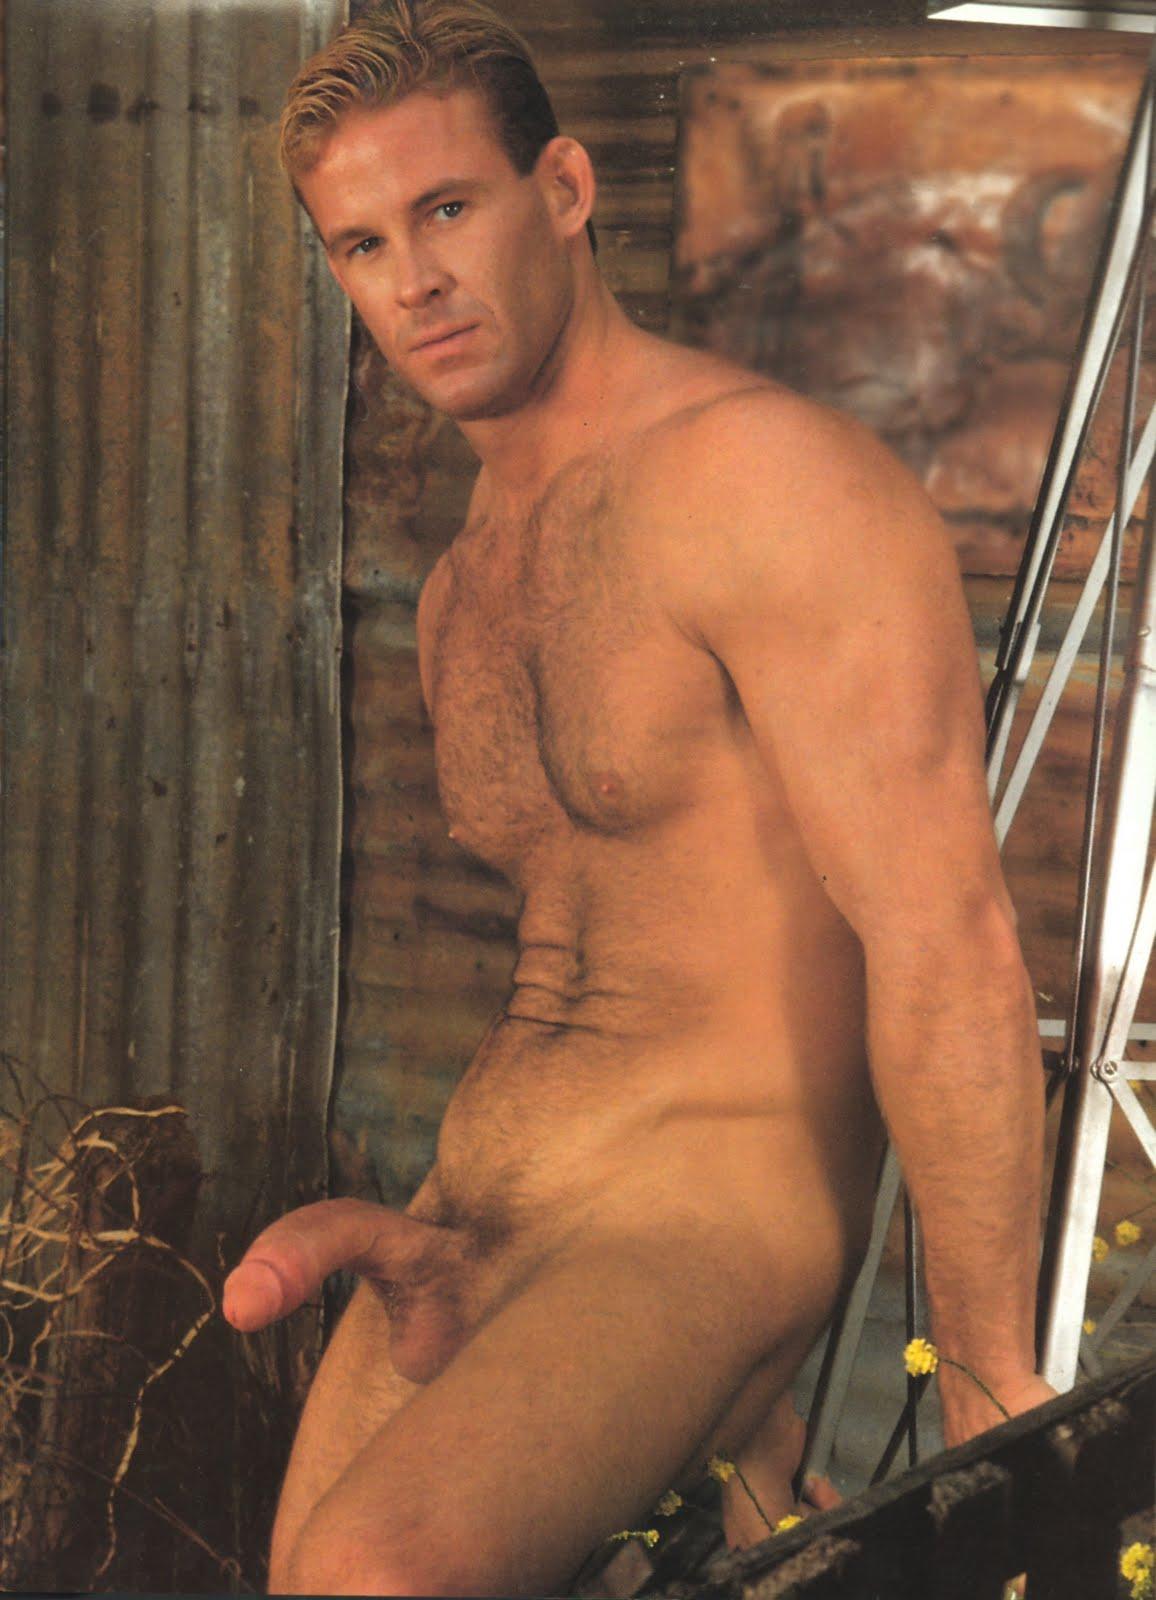 Ken Ryker, superstar - Gay Porn Obsession: gaypornobsession.typepad.com/my-blog/2010/08/ken-ryker-superstar.html